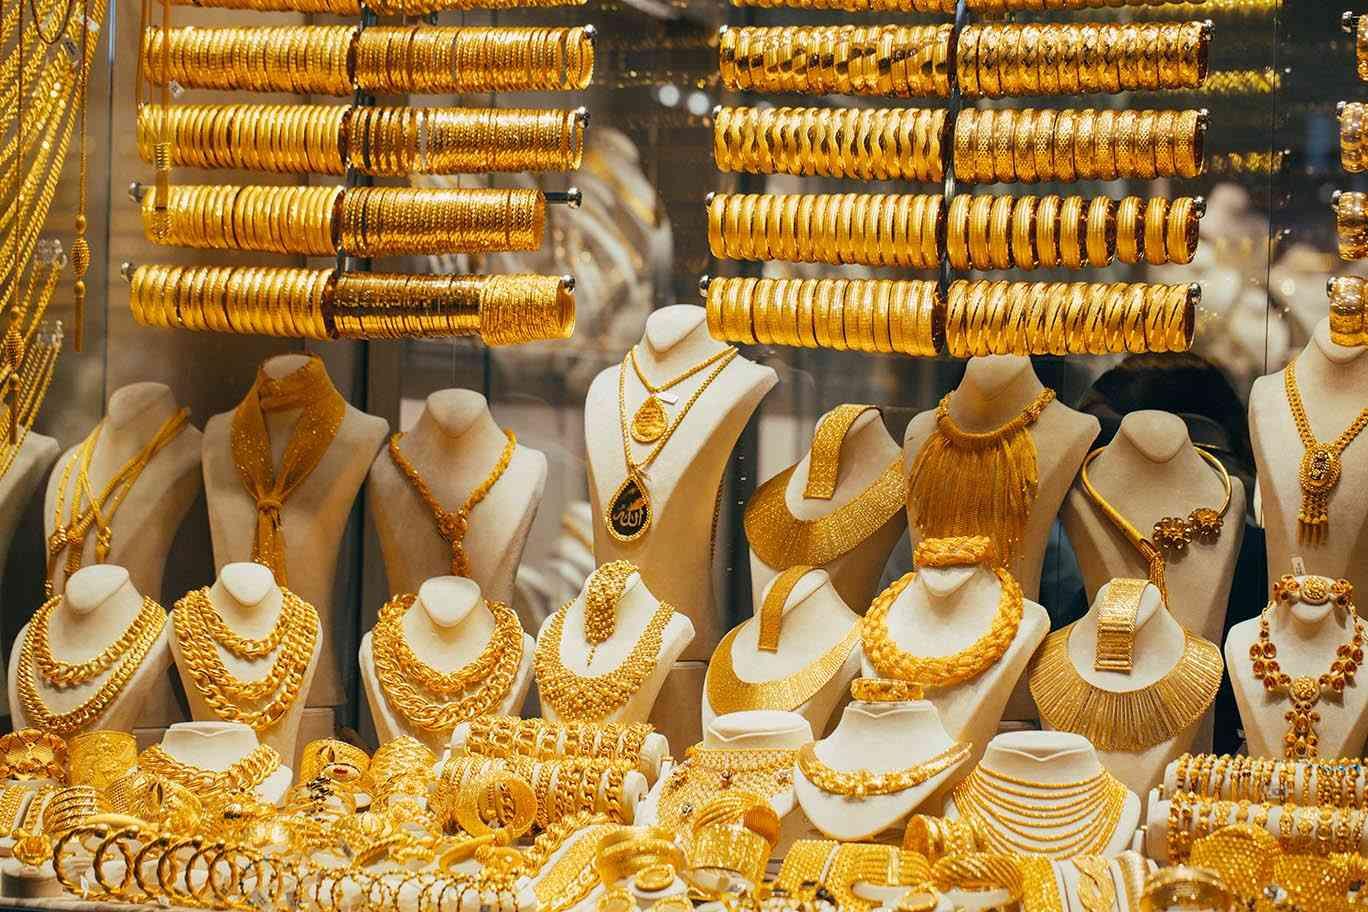 سعر بيع الذهب المستعمل اليوم في السعودية